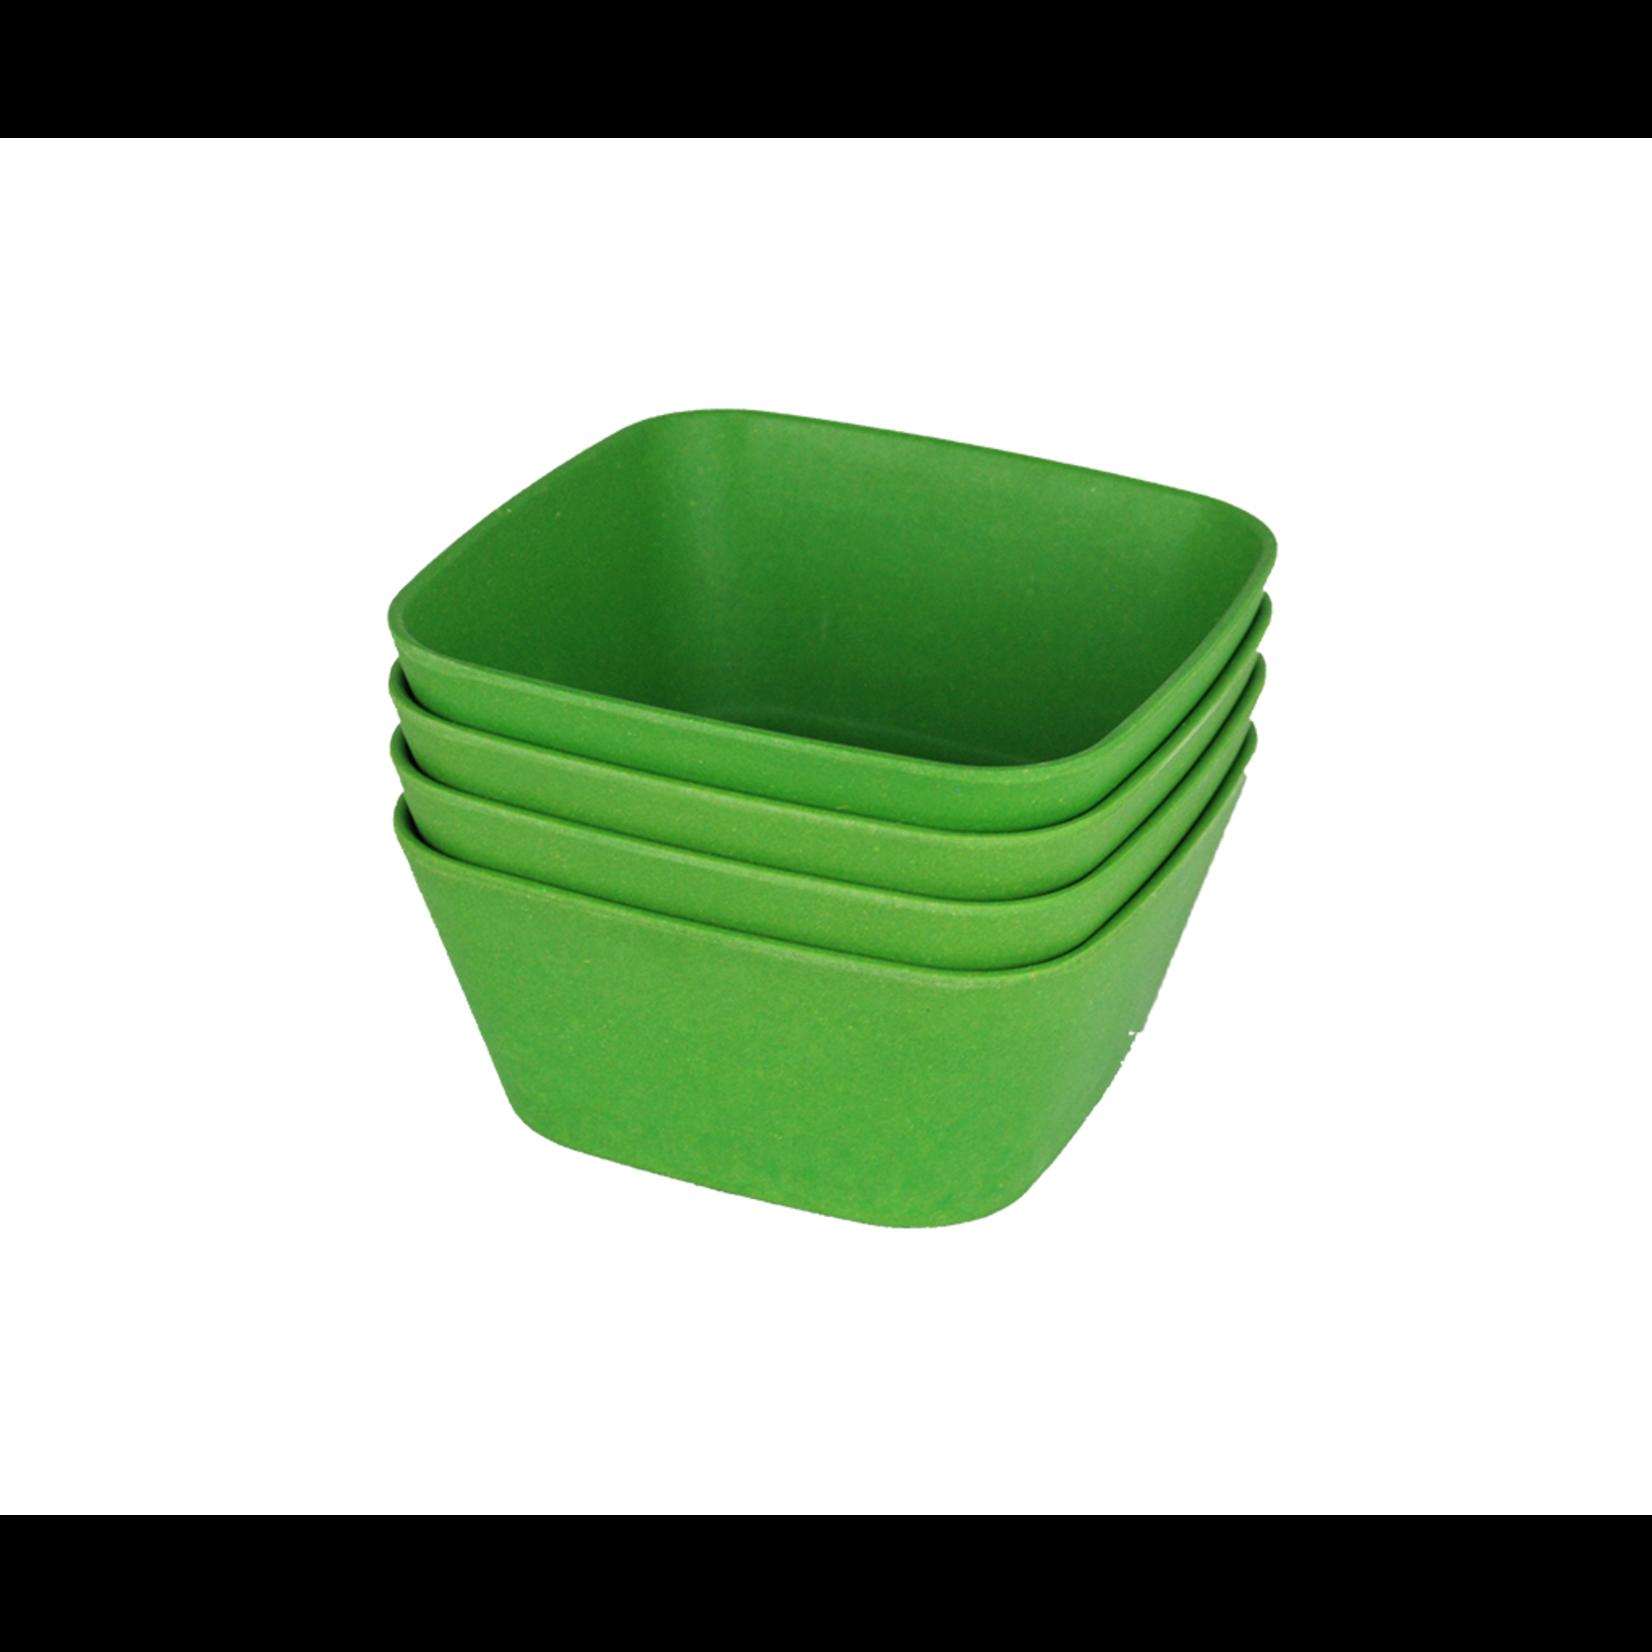 EcoSoulife EcoSoulife 4pc Square Bowl Set